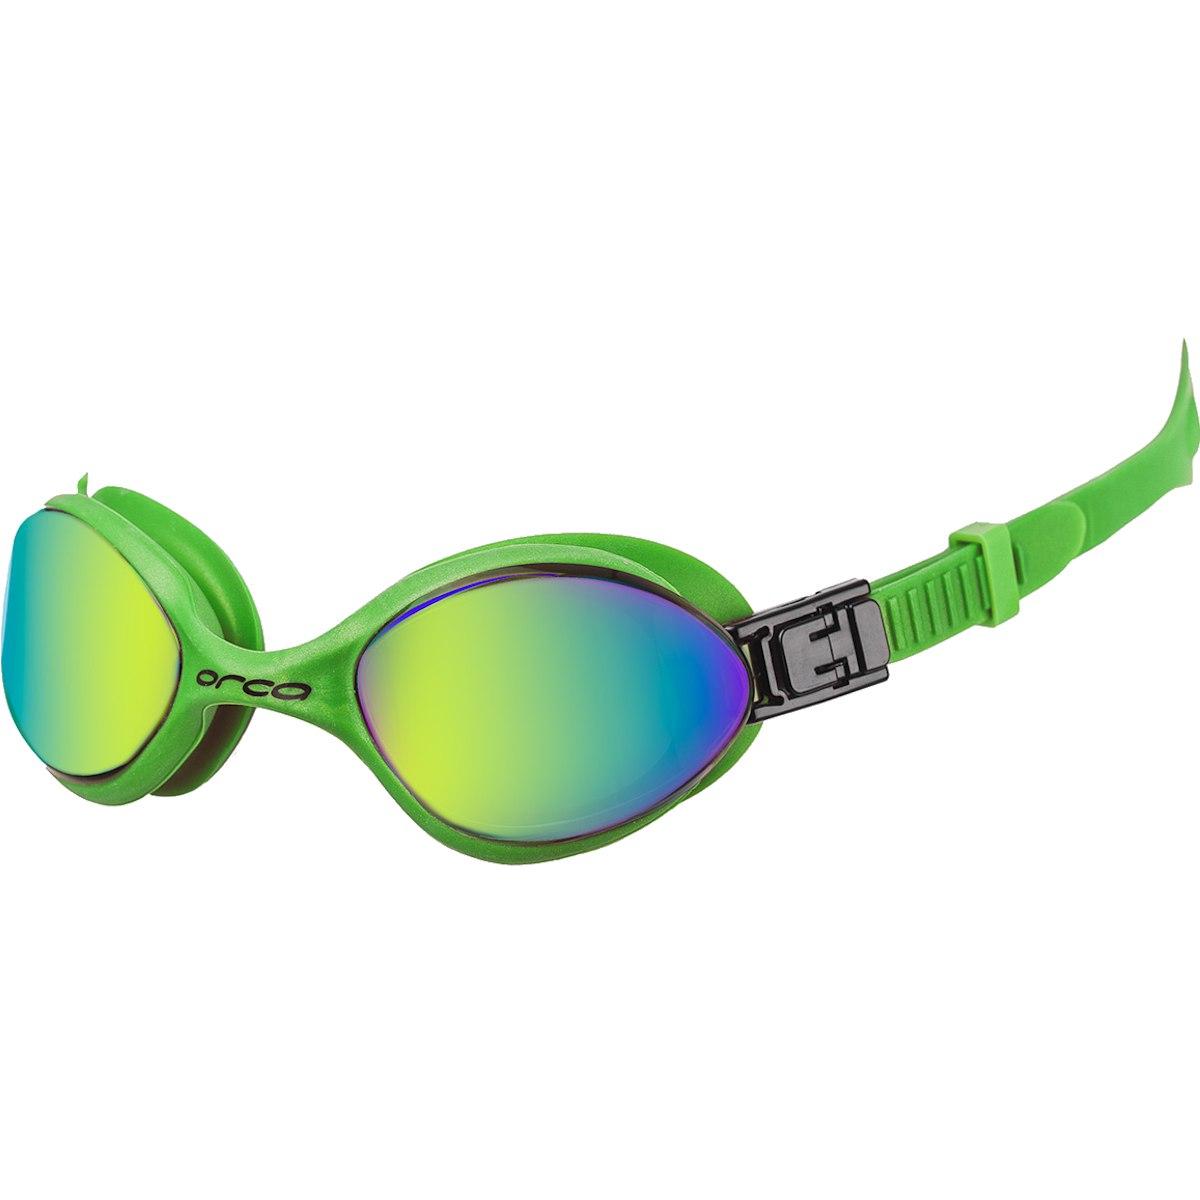 Orca Killa 180° Goggle - black/green